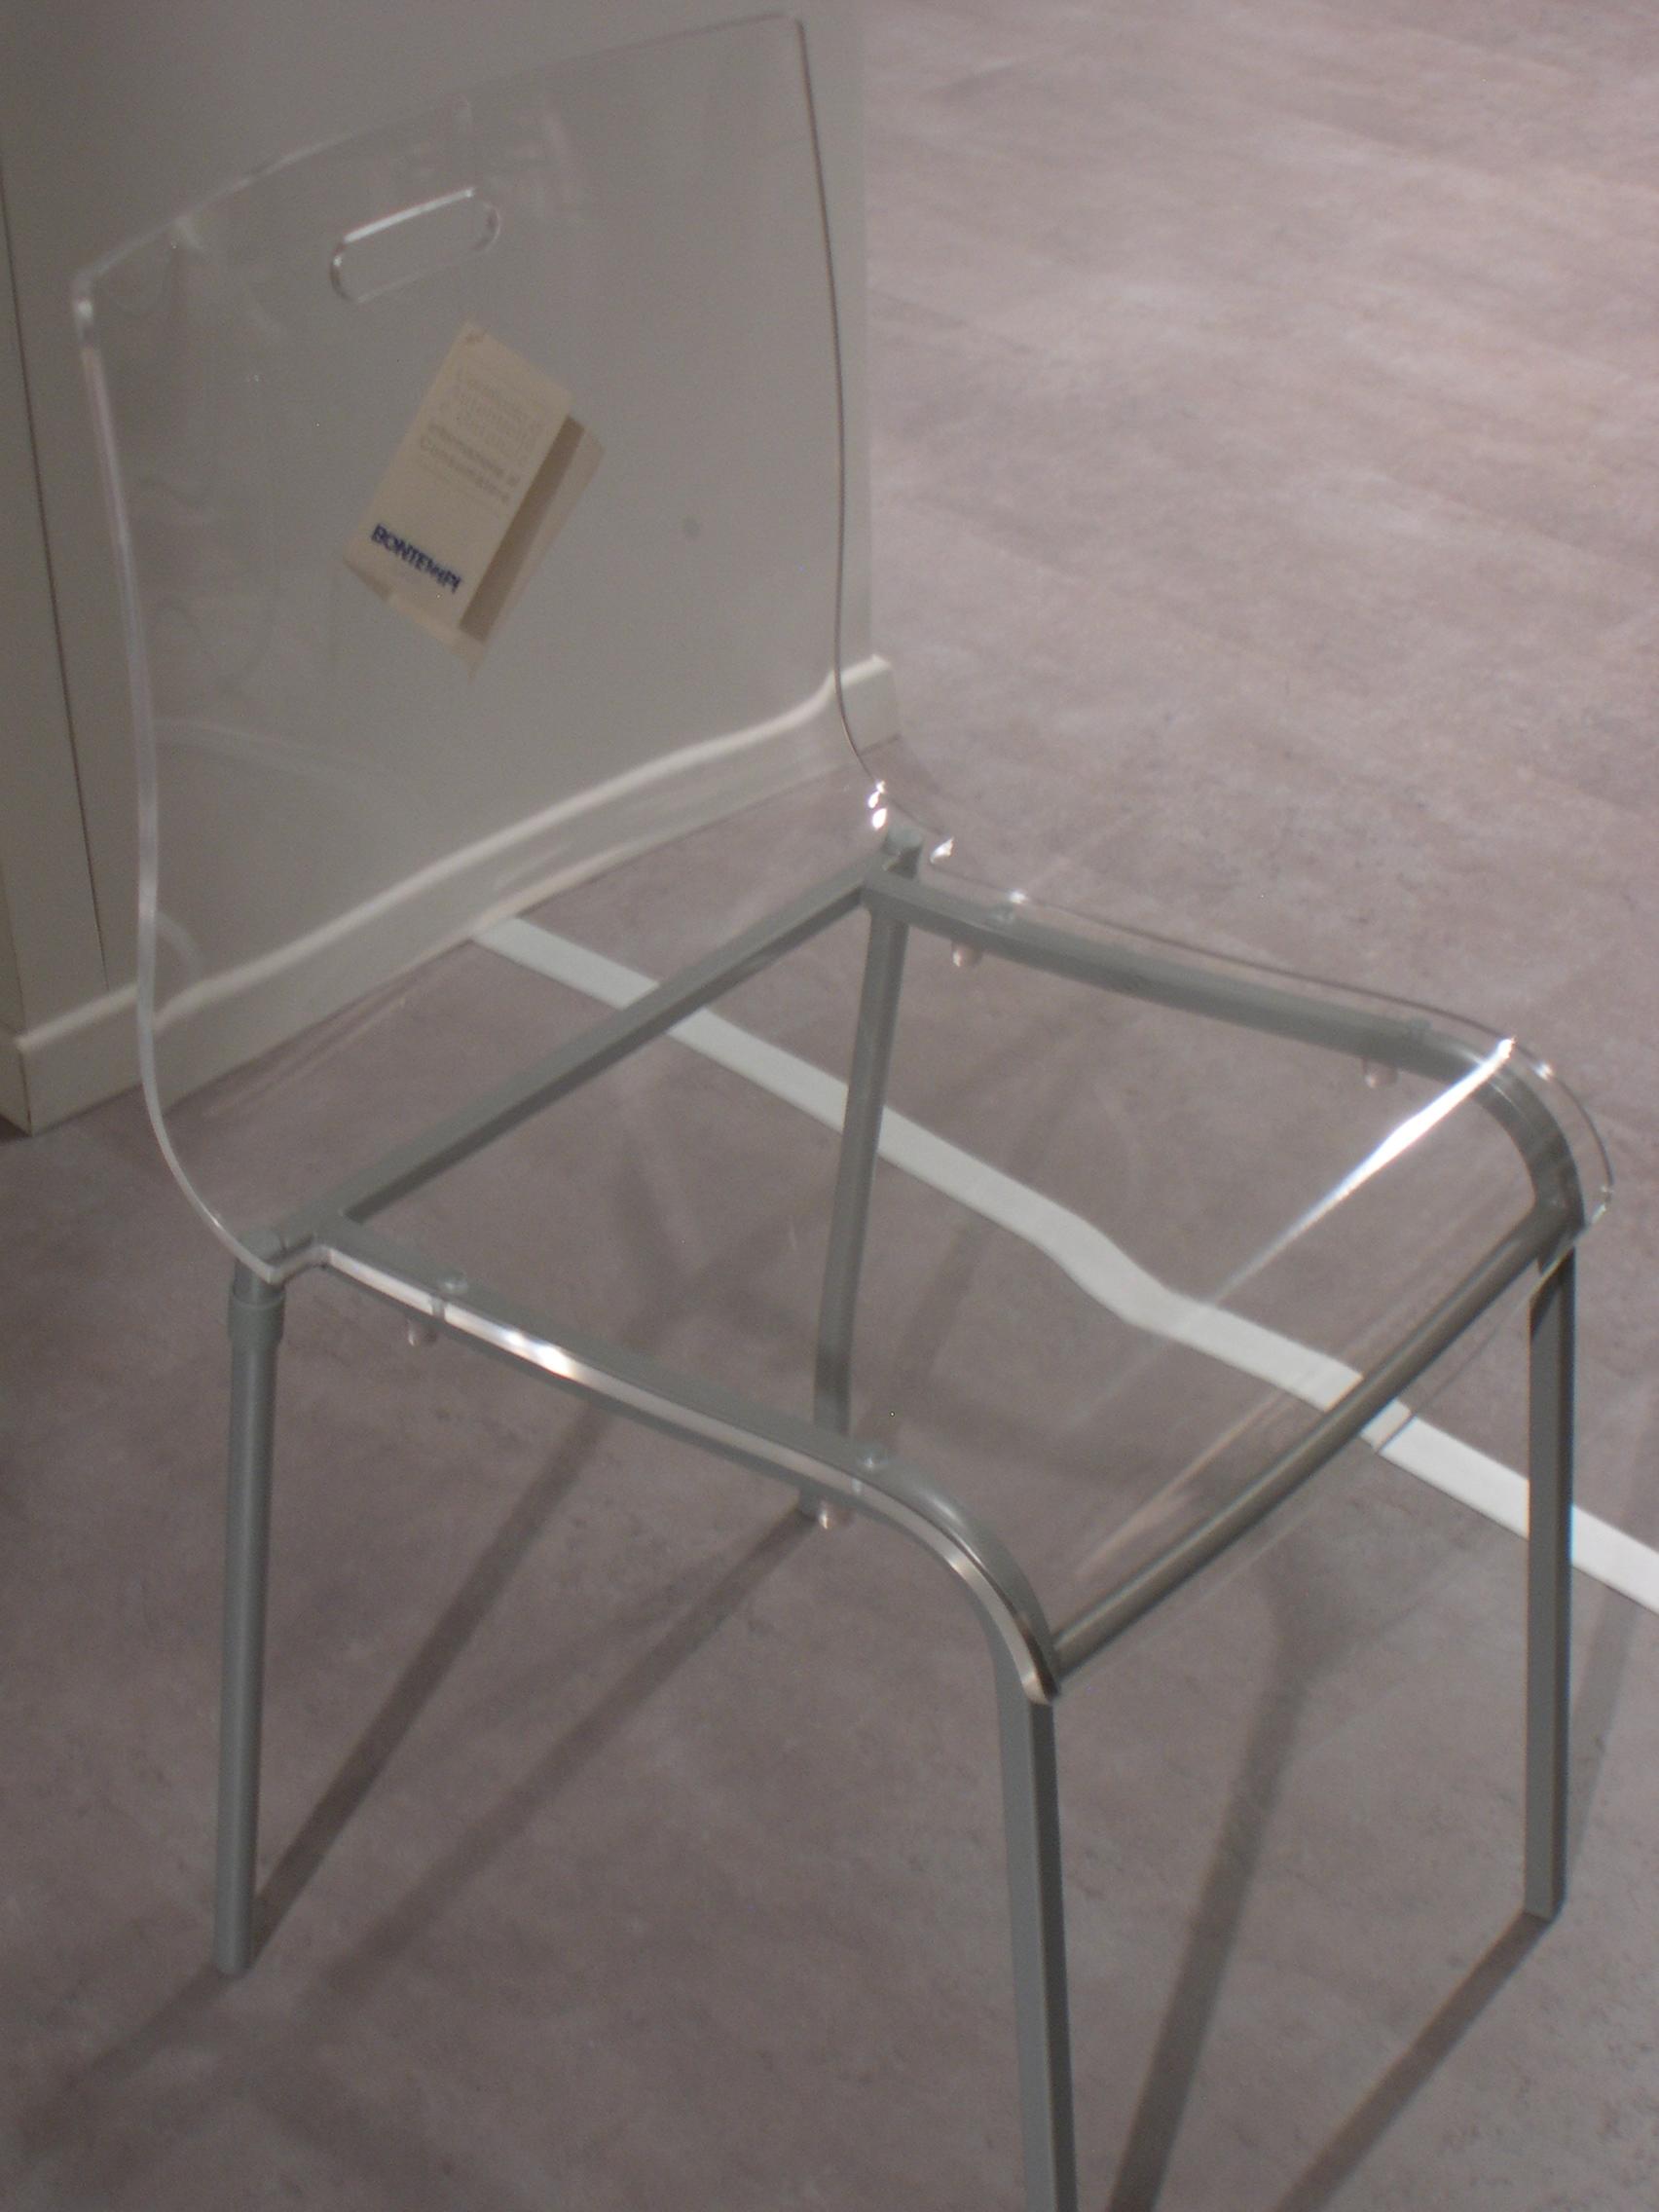 Tappeti plastica bambini idee per il design della casa - Sedia plexiglass trasparente ikea ...